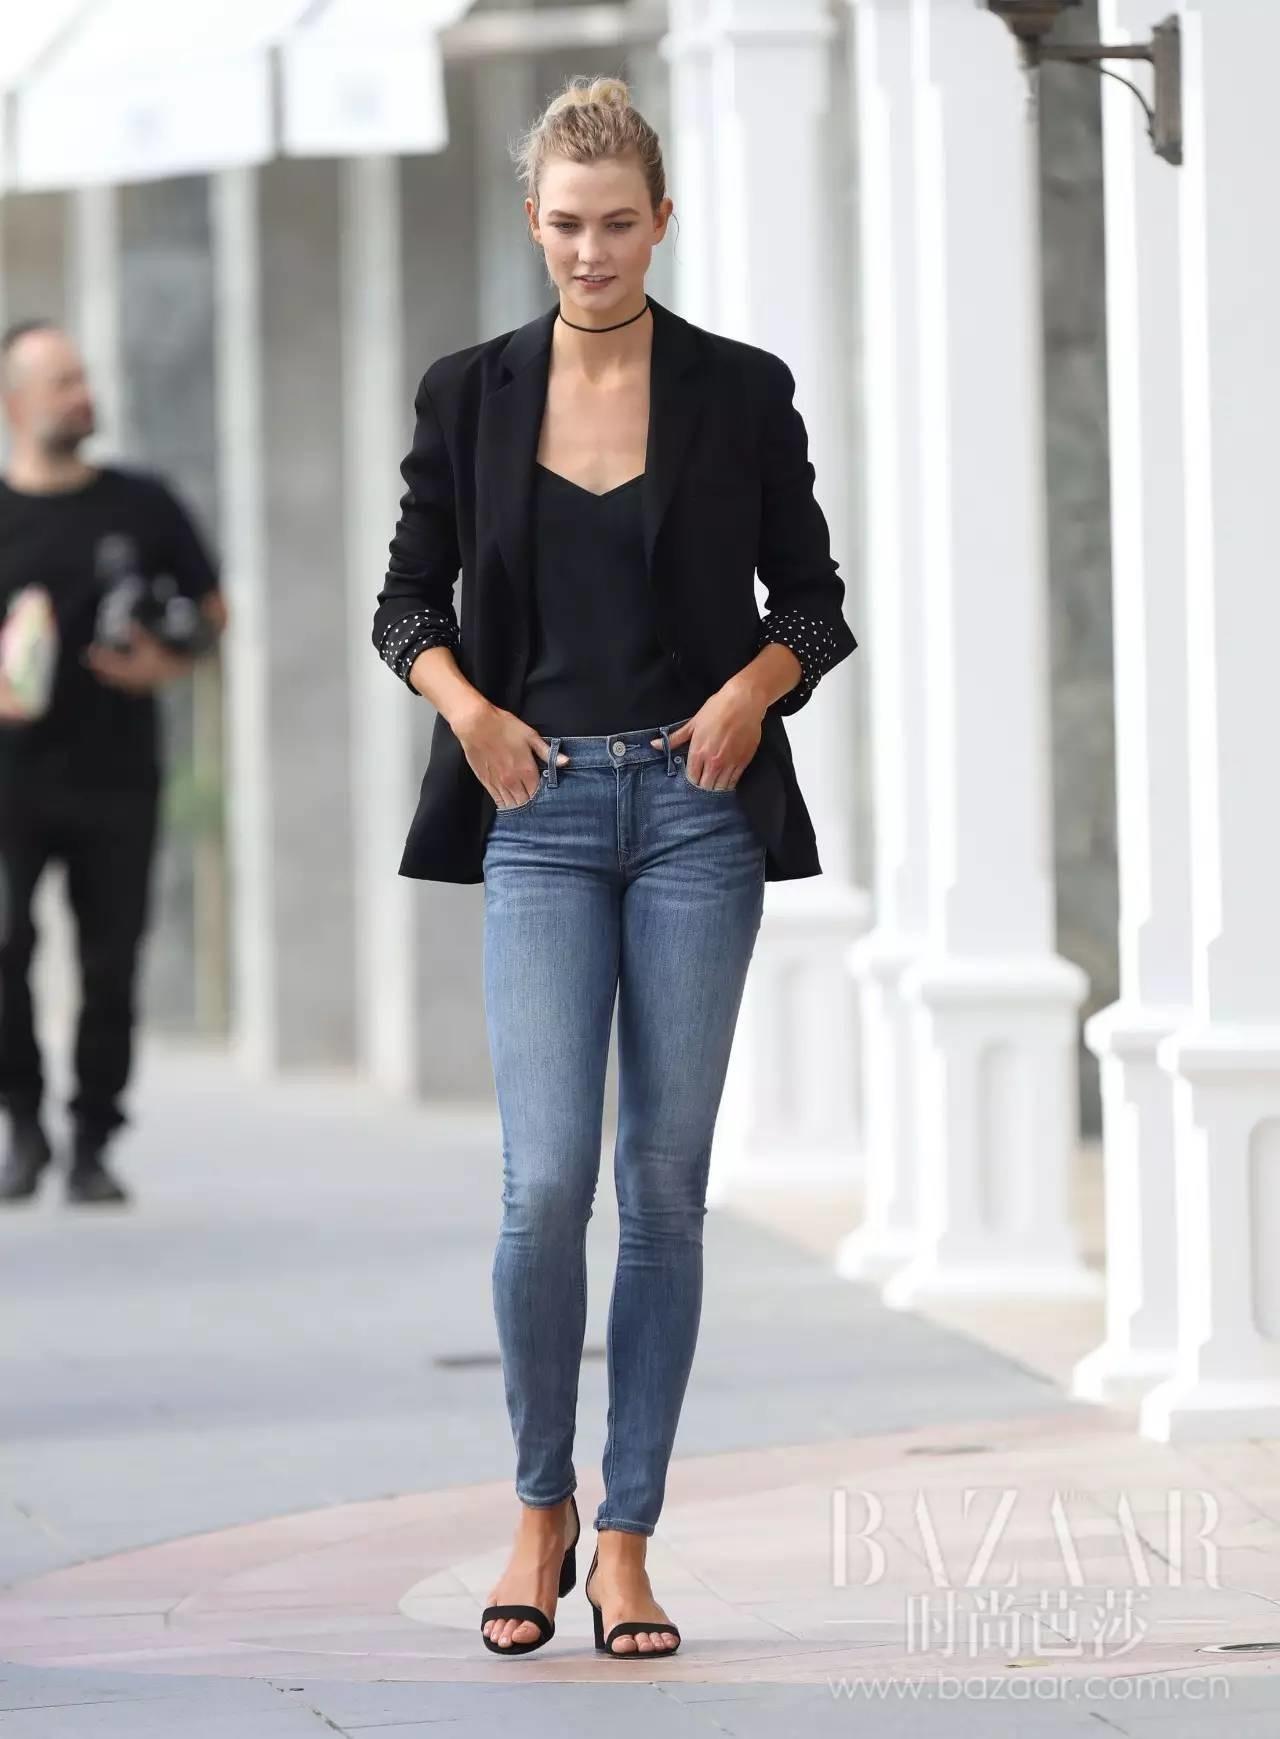 西装下面搭配时髦的裙加裤的穿法,既显俏皮又带有一丝潇洒帅气.-